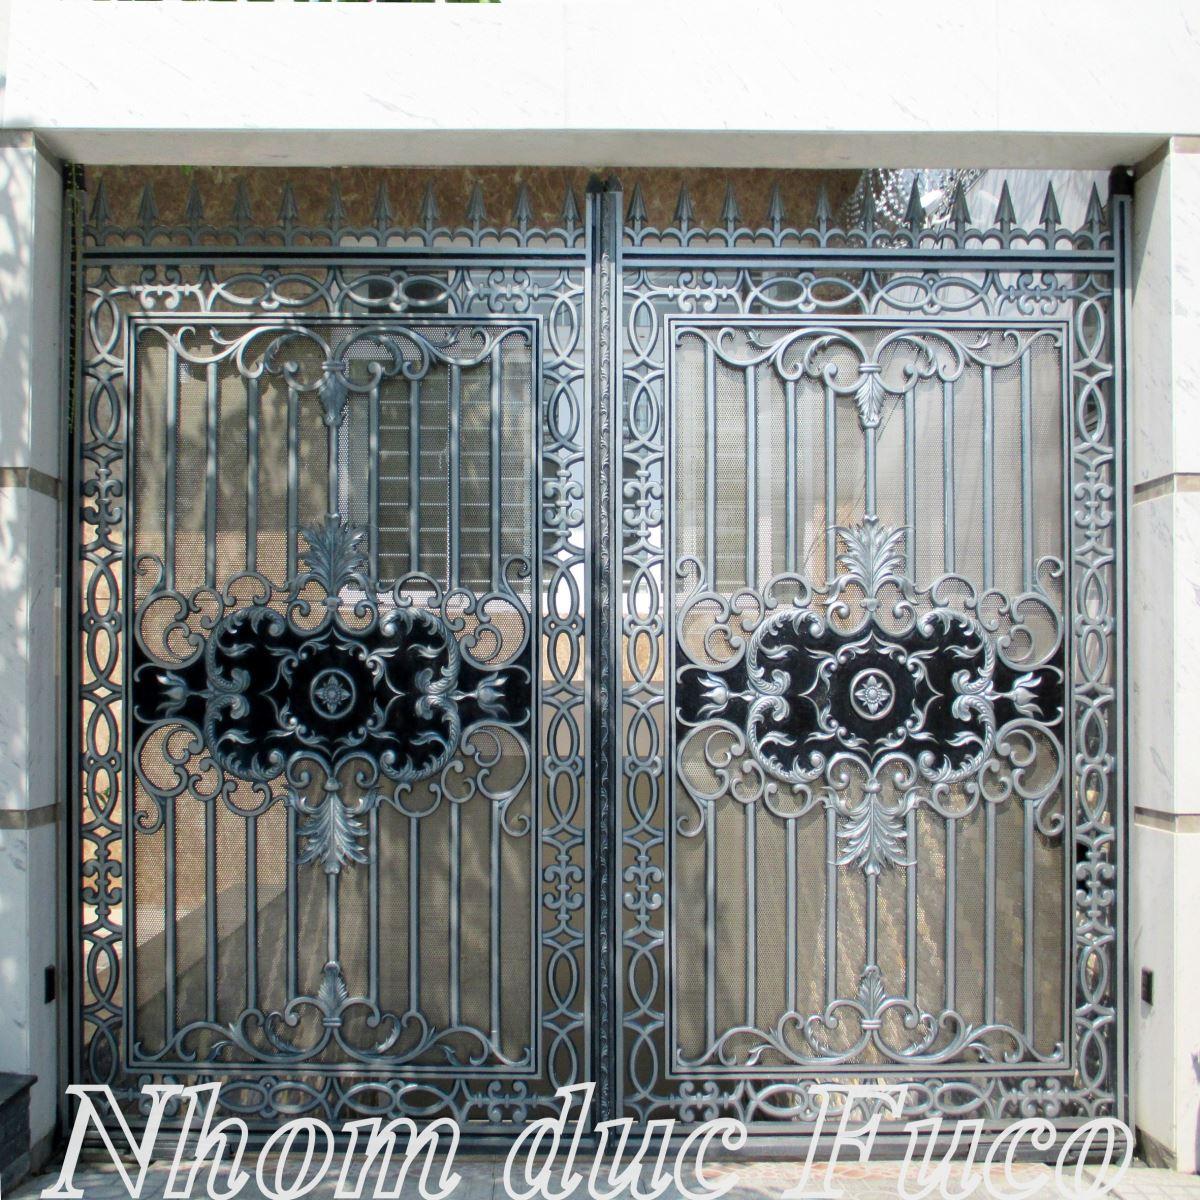 Nơi mua cổng nhôm đúc chính hãng, chất lượng, giá rẻ nhất